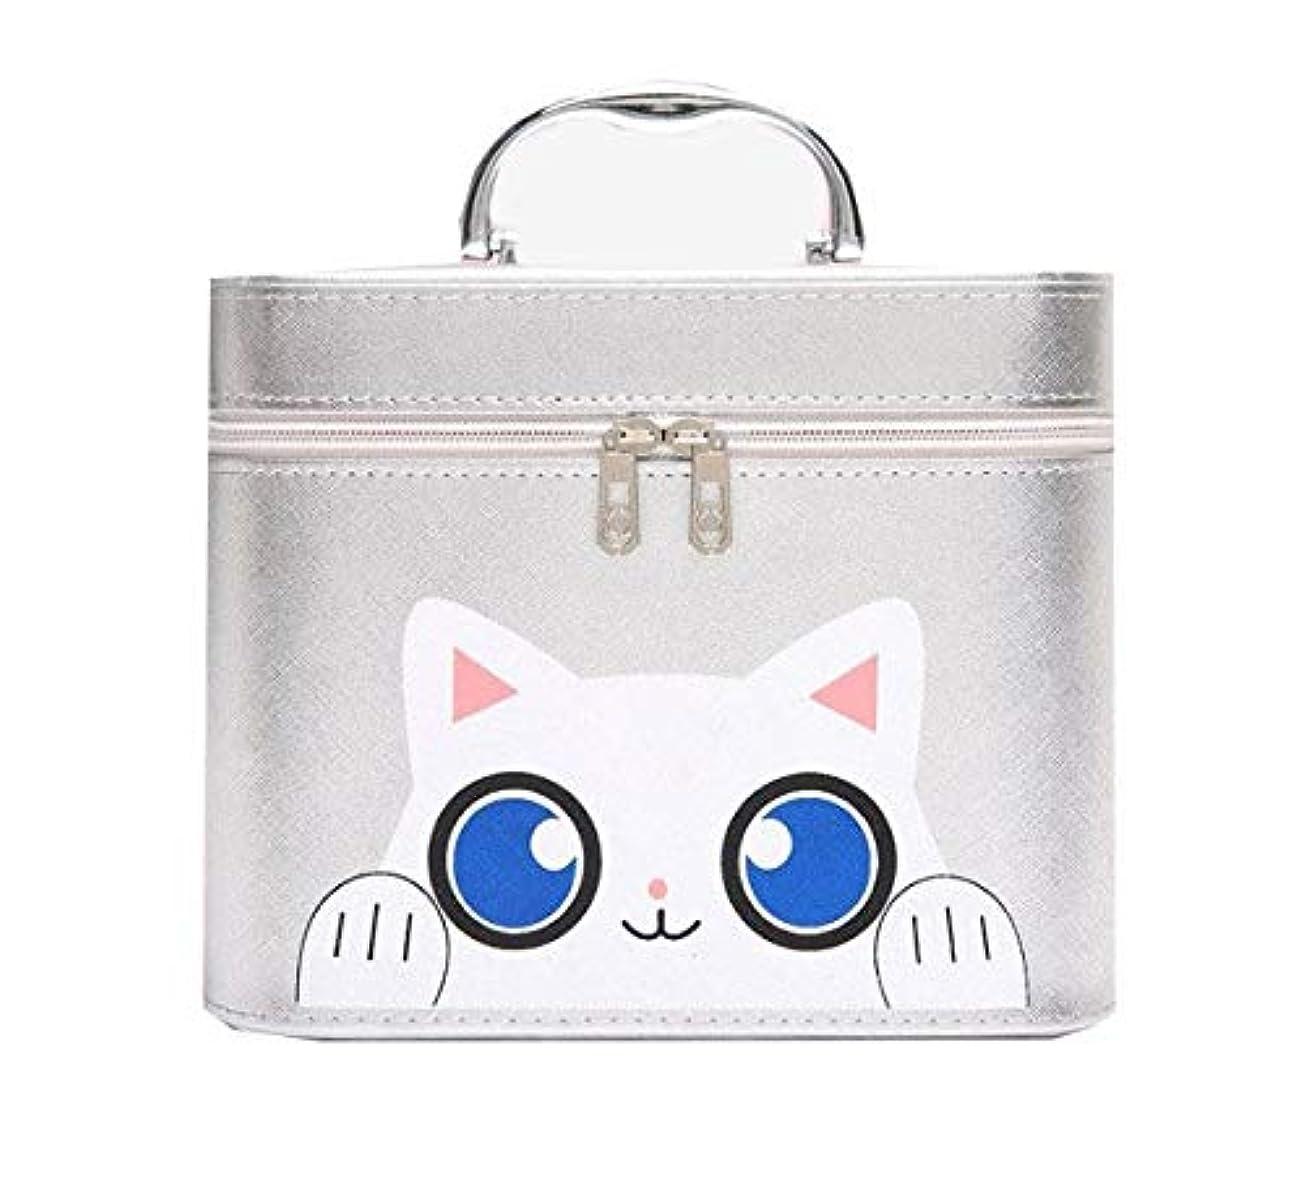 アスリート重要な役割を果たす、中心的な手段となるカウボーイ化粧箱、シルバー漫画猫化粧品ケース、ポータブル旅行化粧品ケース、美容ネイルジュエリー収納ボックス (Size : L)